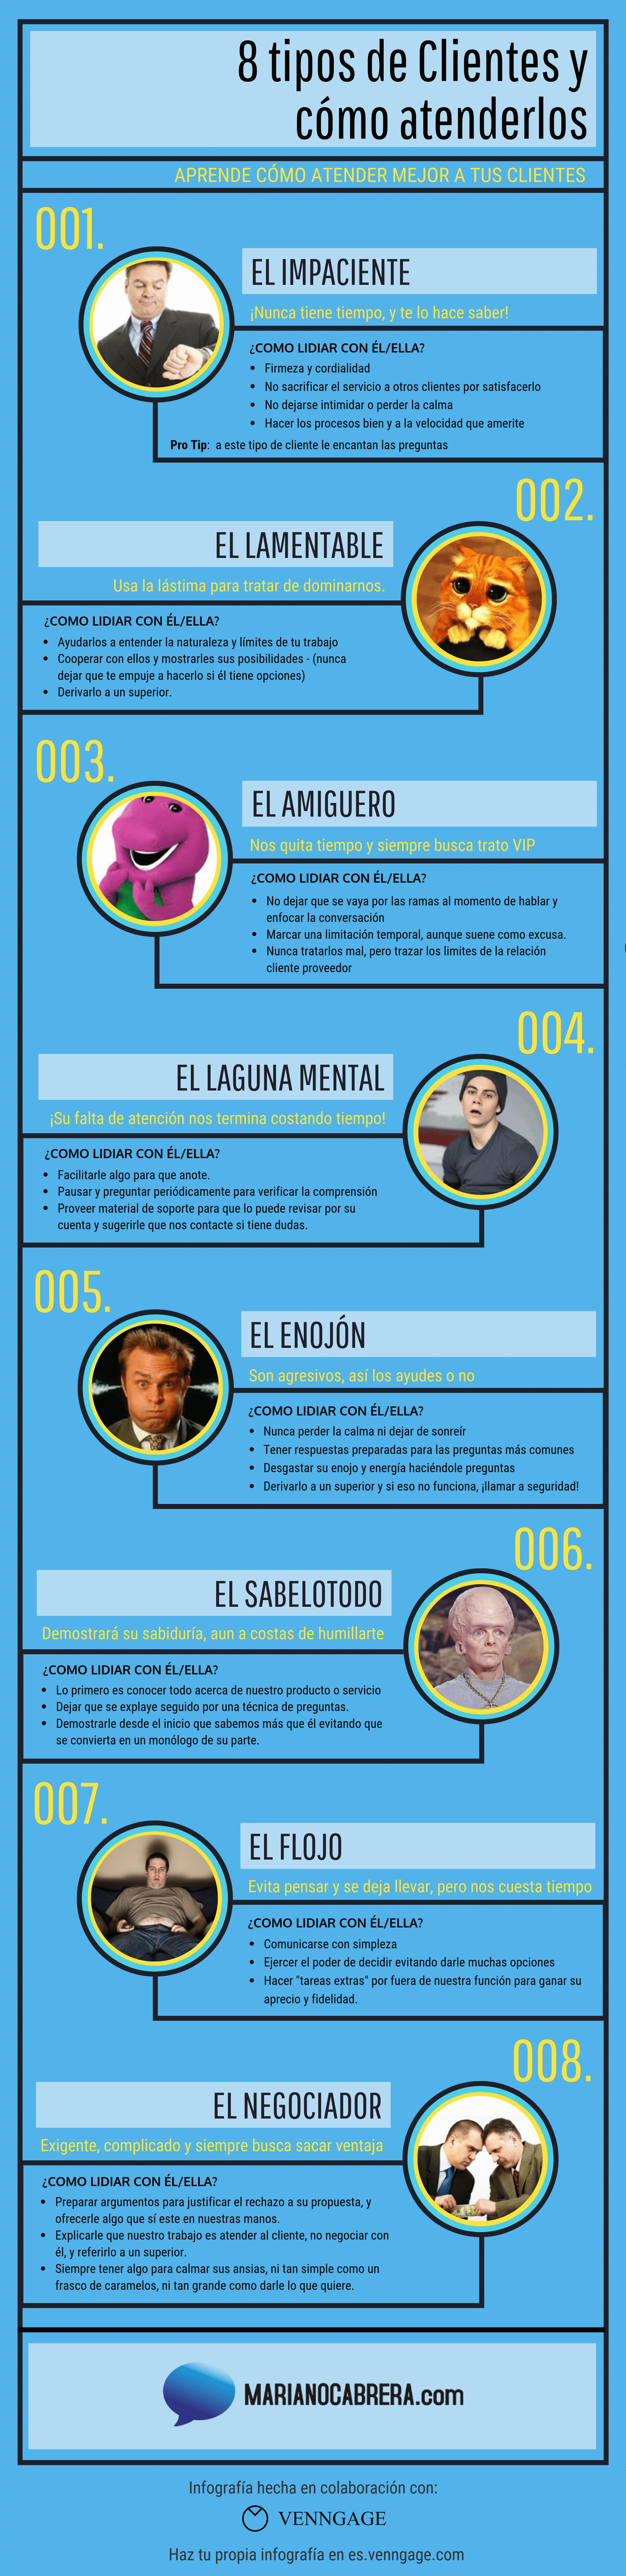 Infografia-8-tipos-de-cliente